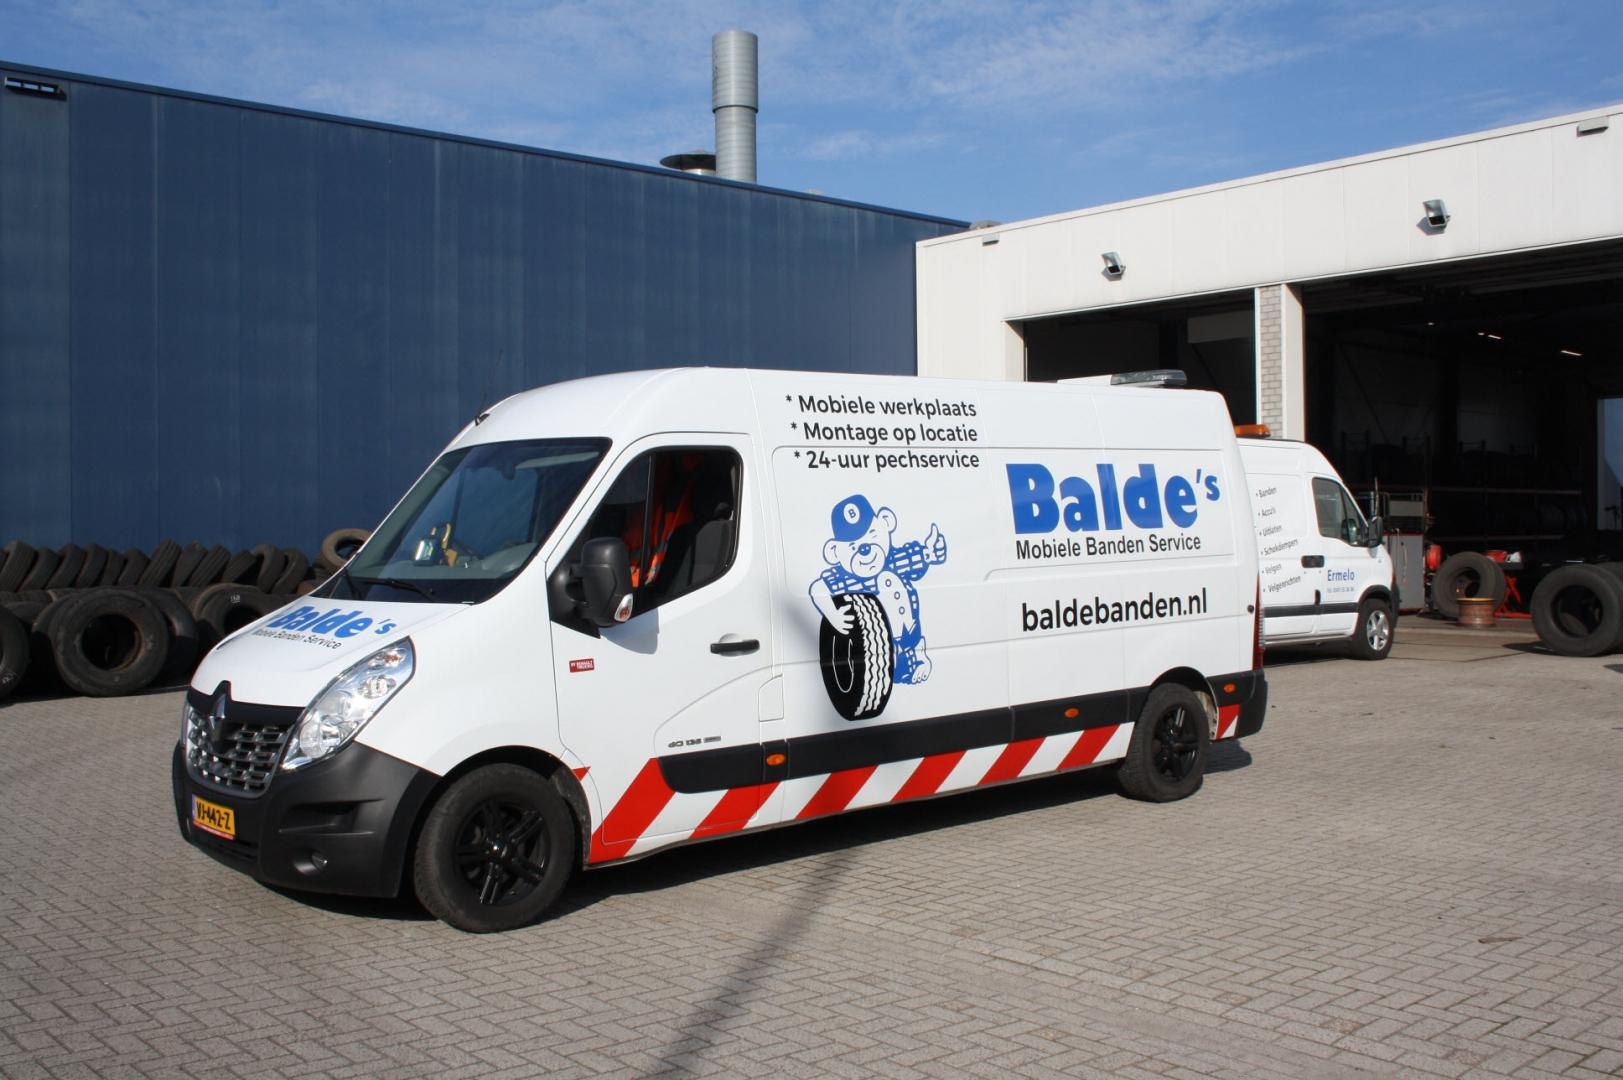 Zomerbanden wissel bij Balde's Banden Service in Ermelo